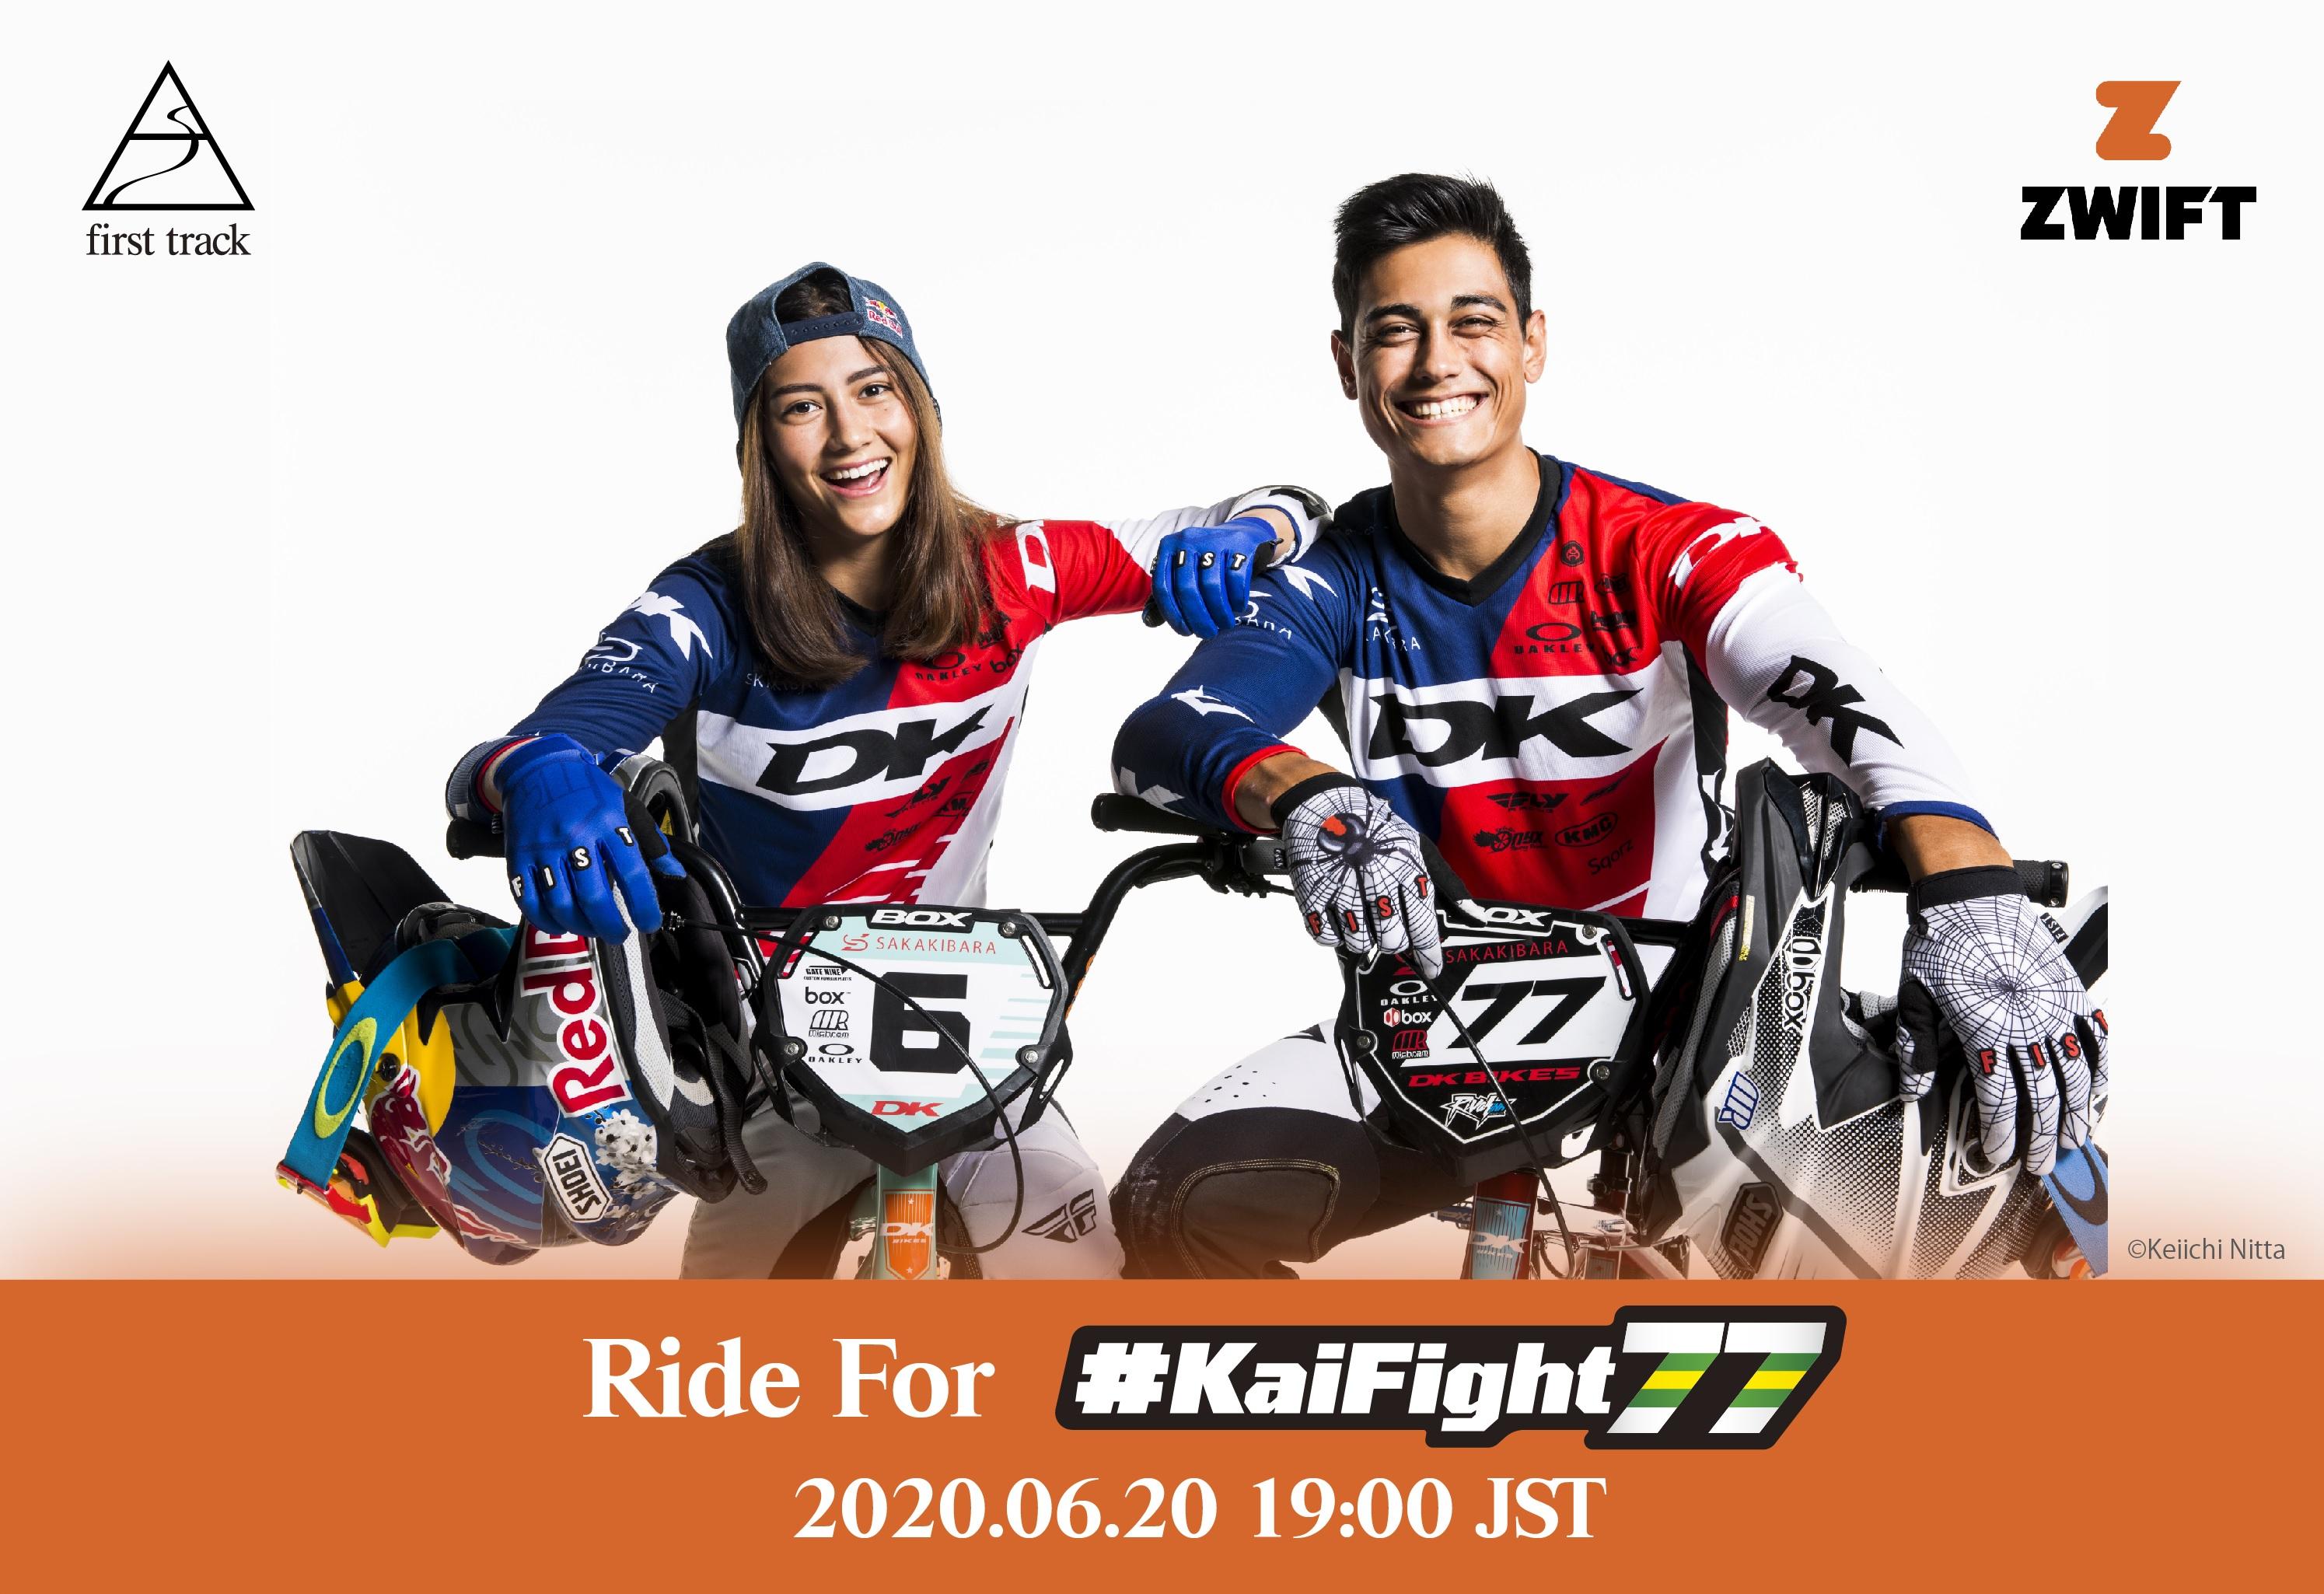 榊原魁のチャリティーライド 「Ride for #KaiFight77」開催のお知らせ